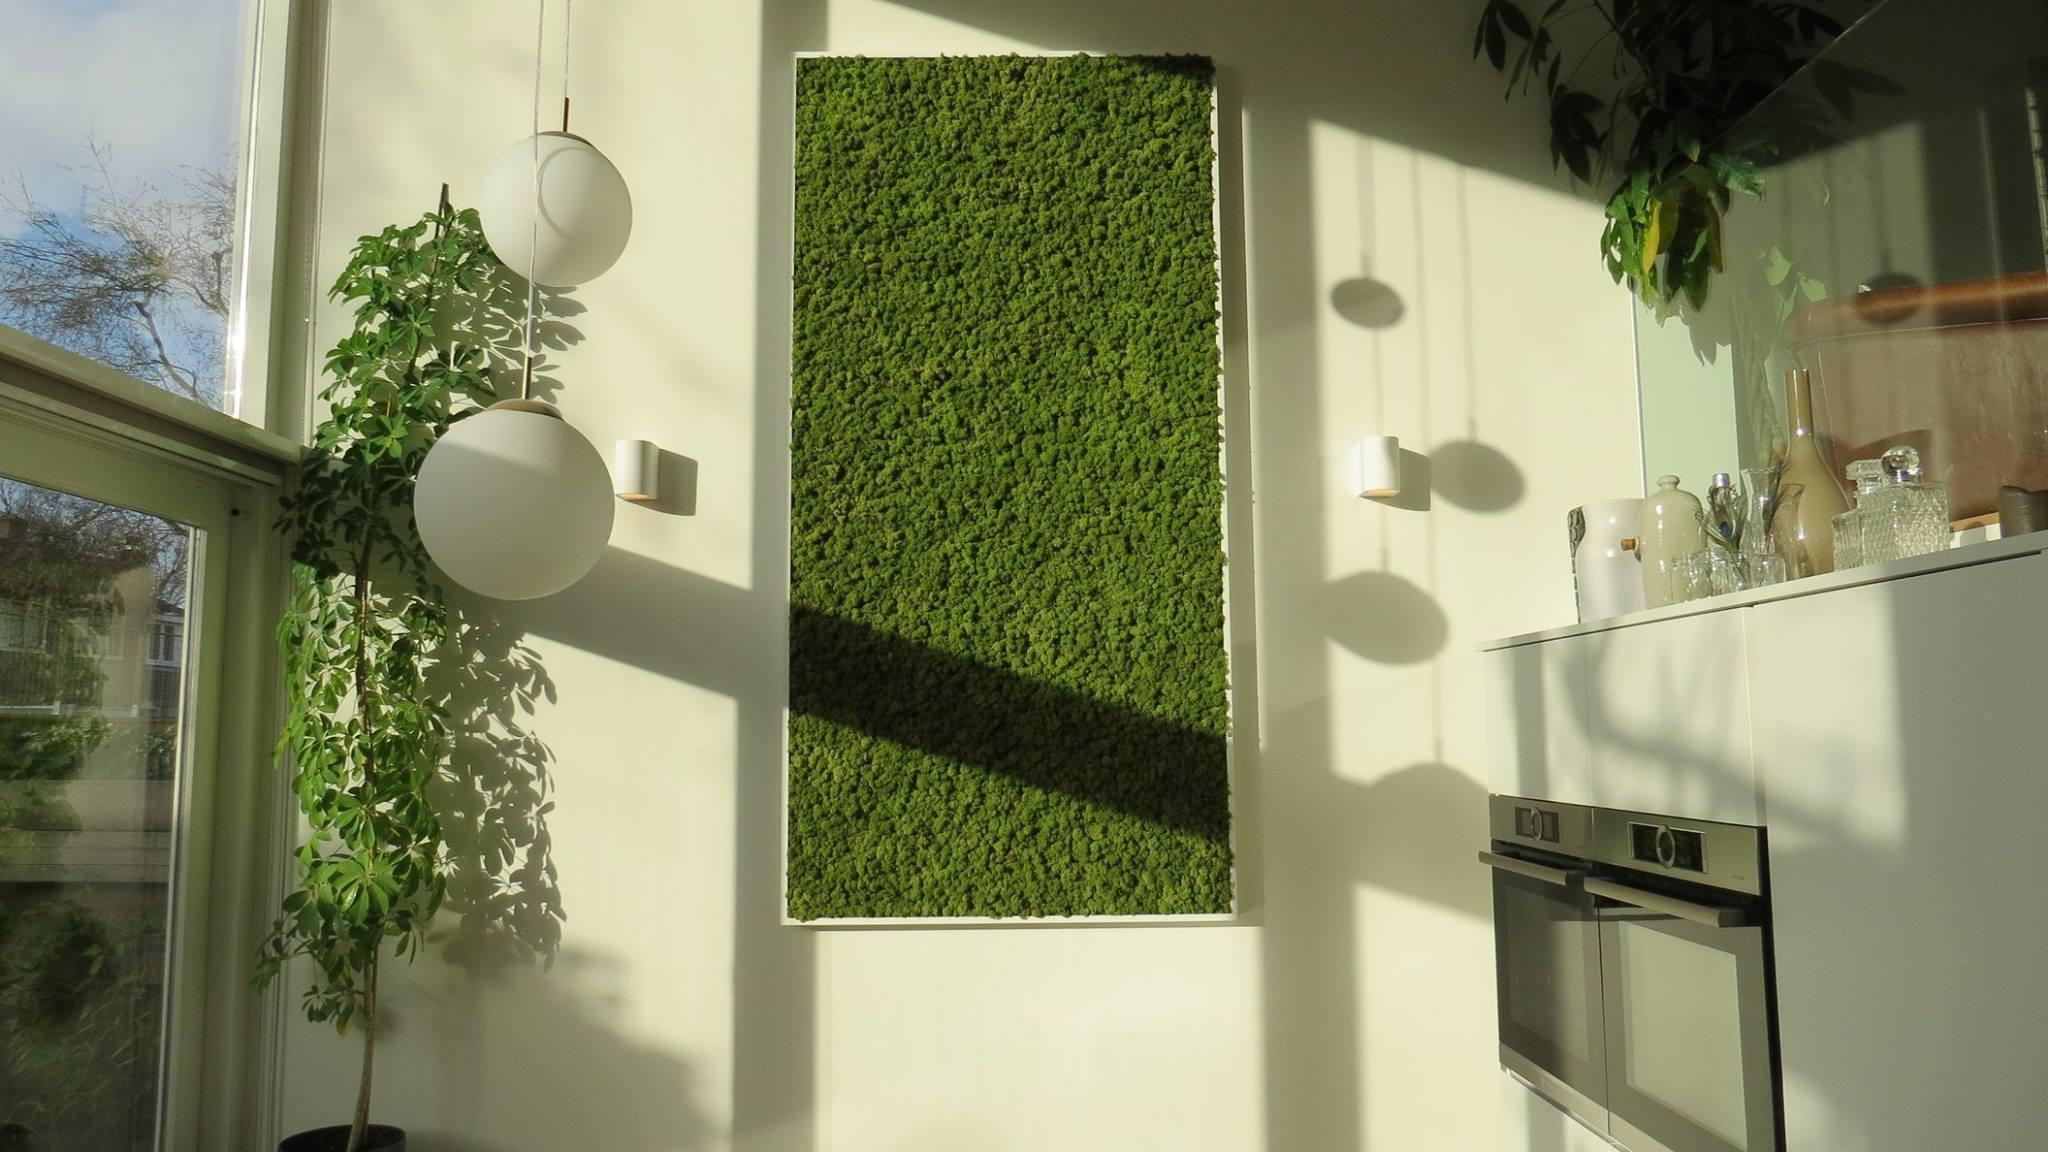 Moswens mosschilderij in woning #groen #schilderij #interieur